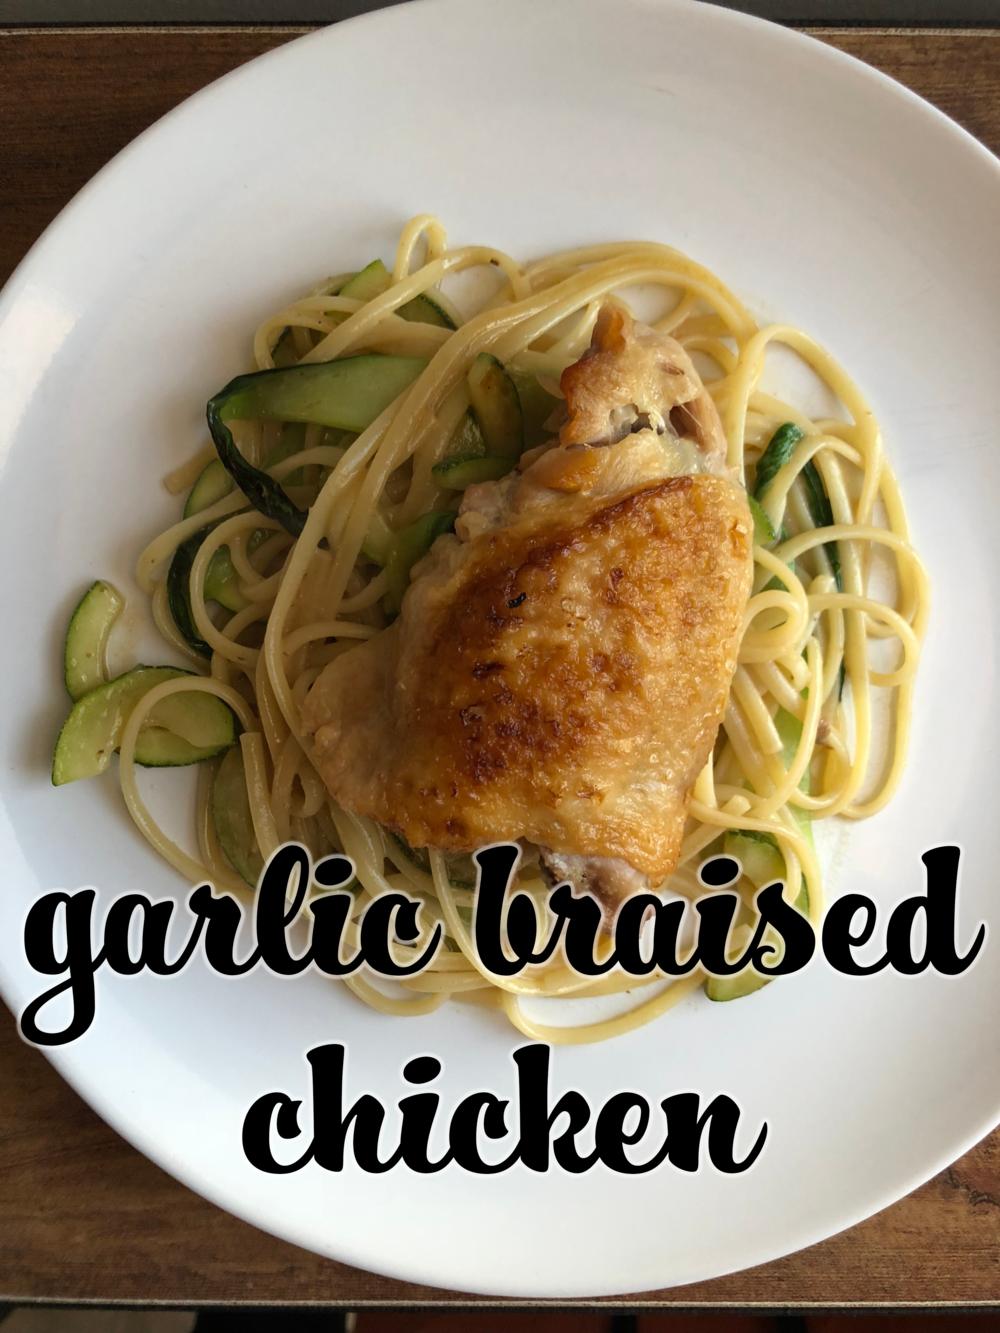 garlic braised chicken topshot.png